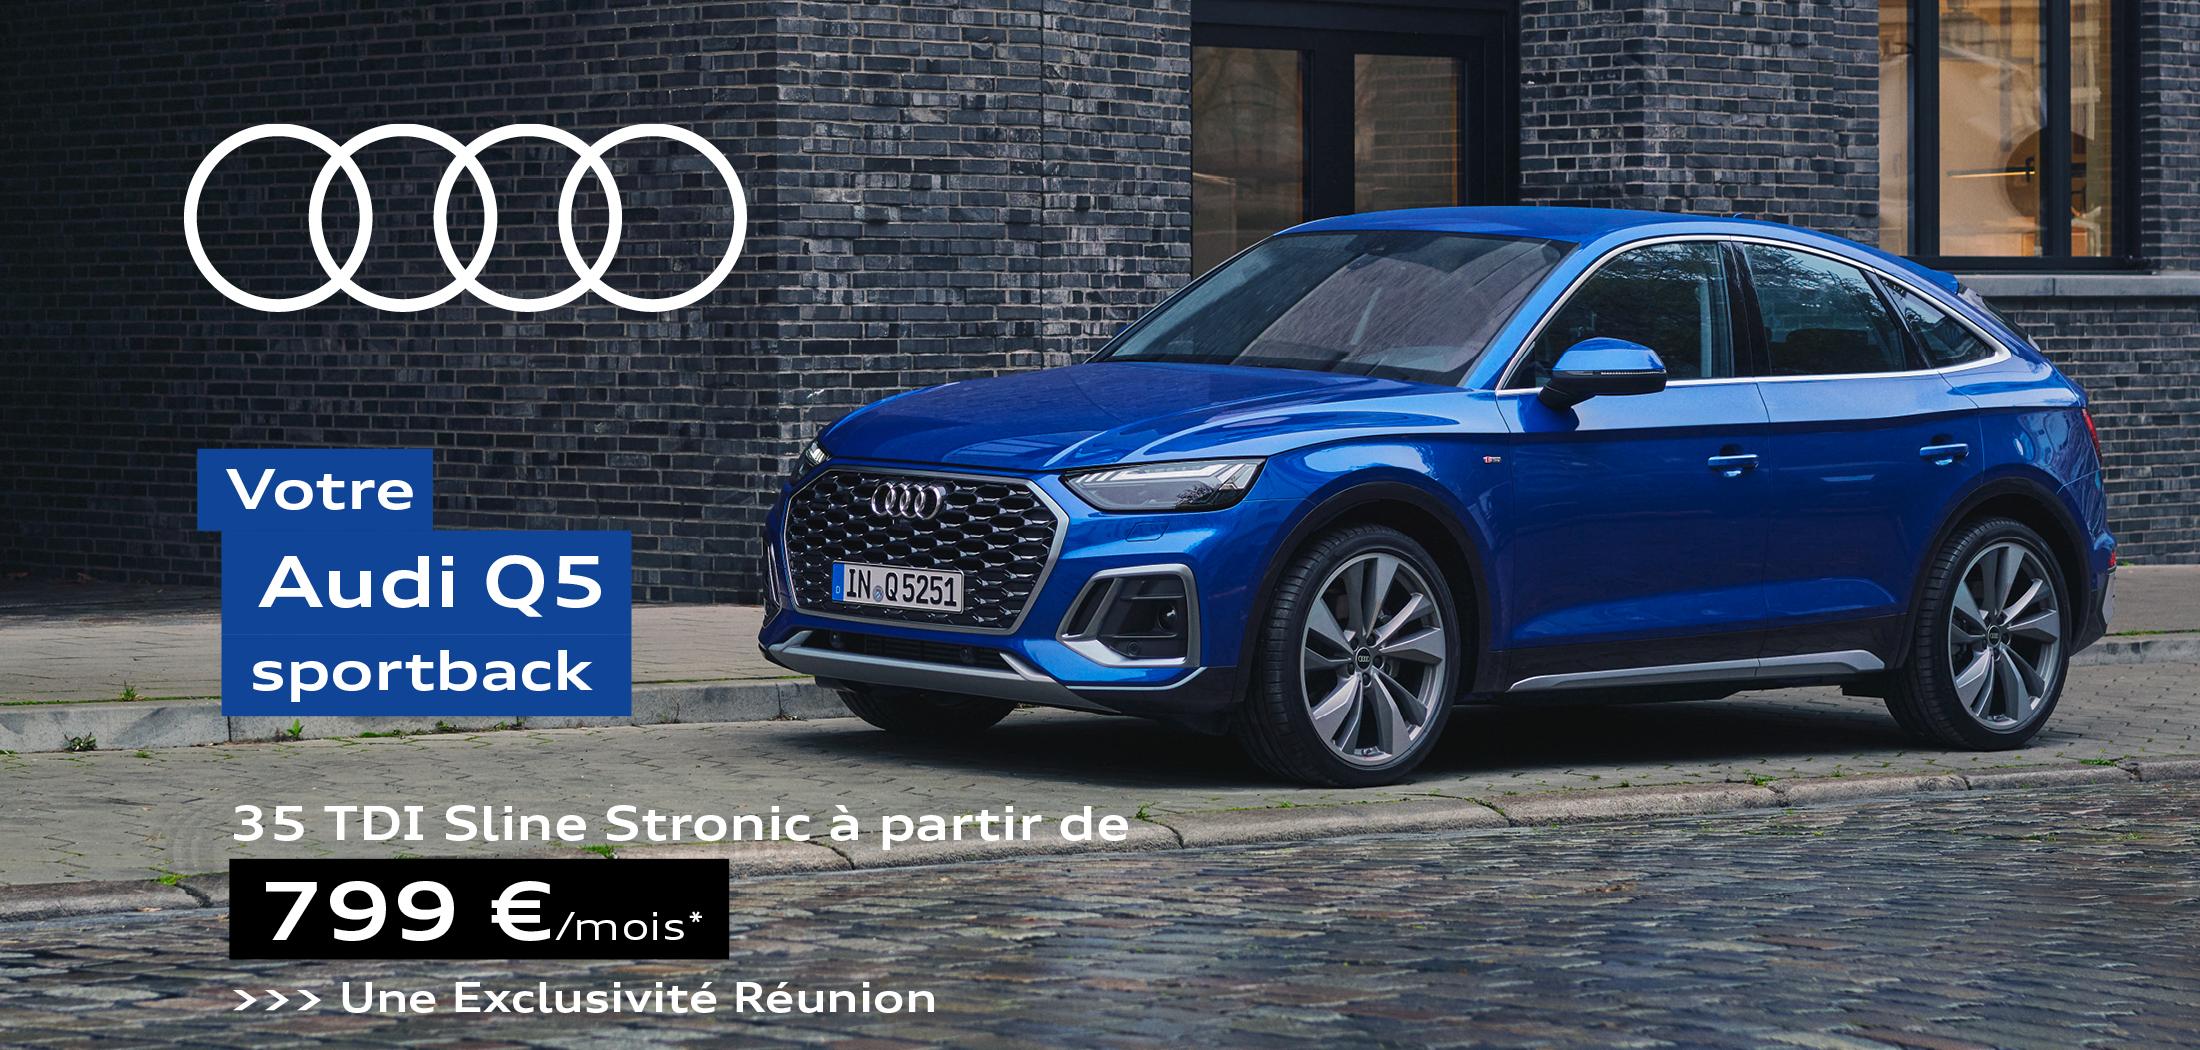 Audi Q5 SPORTBACK 35 TDI Sline Stronic à partir de 799€ par mois